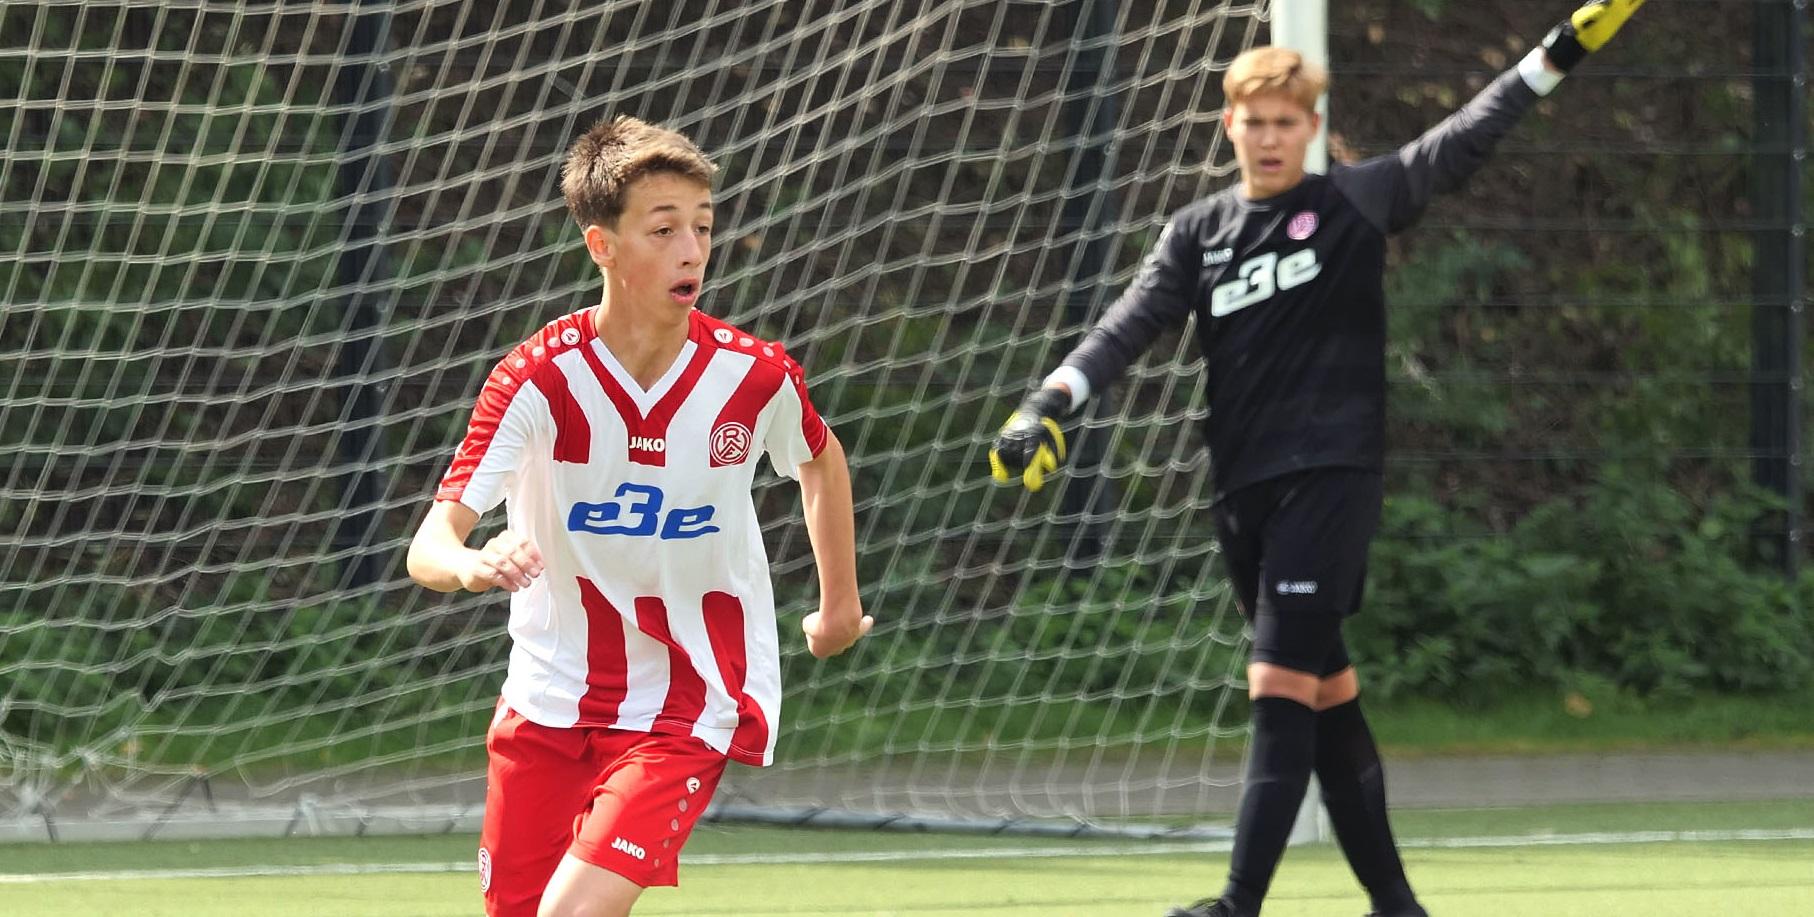 Die U15 trennte sich torlos von Arminia Bielefeld. U11 und U14 waren in ihren Spielen siegreich.